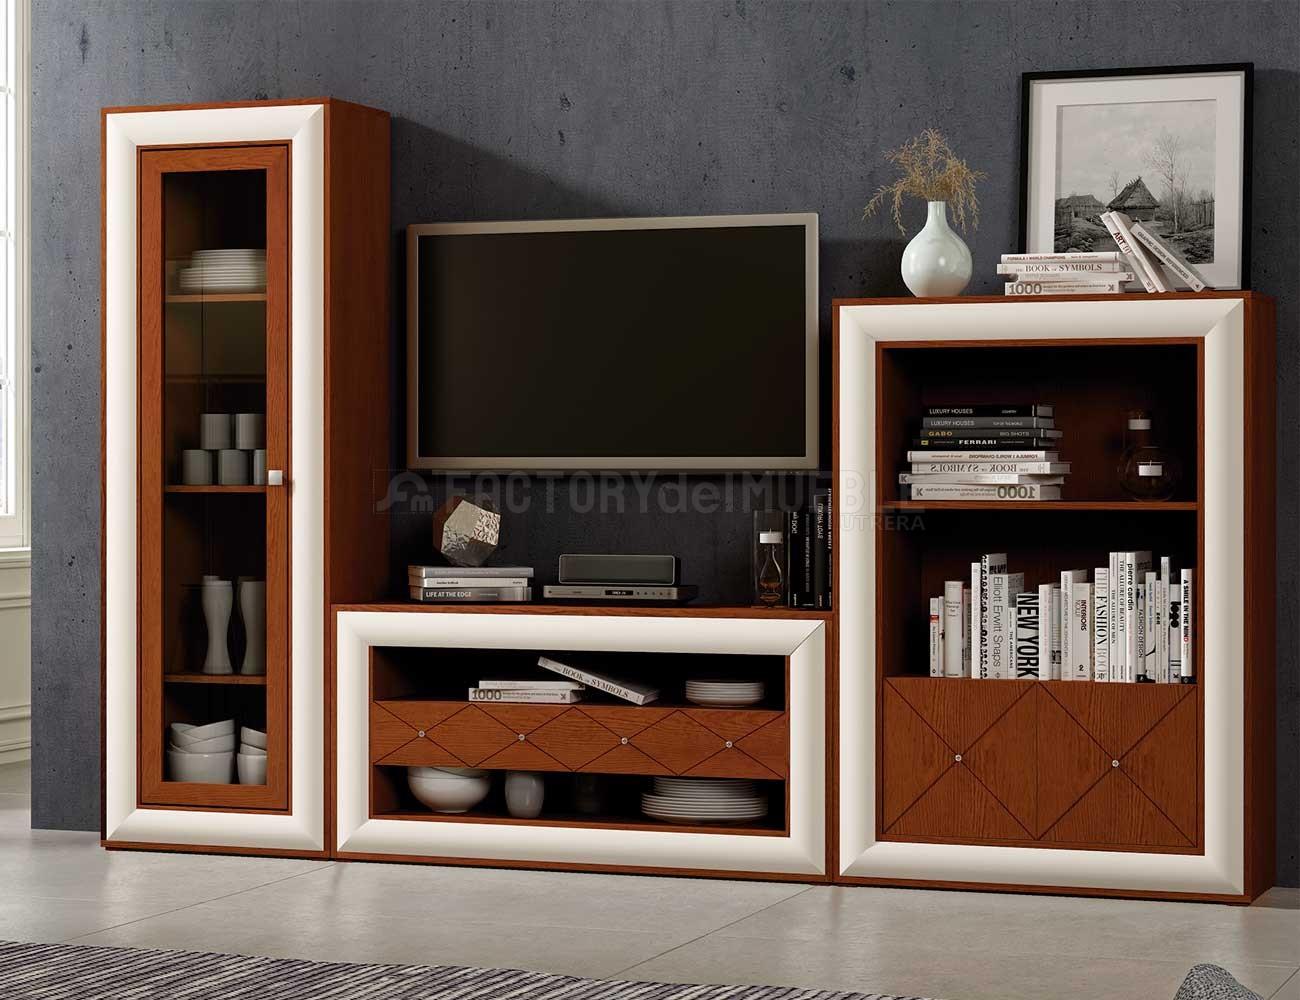 Mueble salon neoclasico cerezo blanco roto